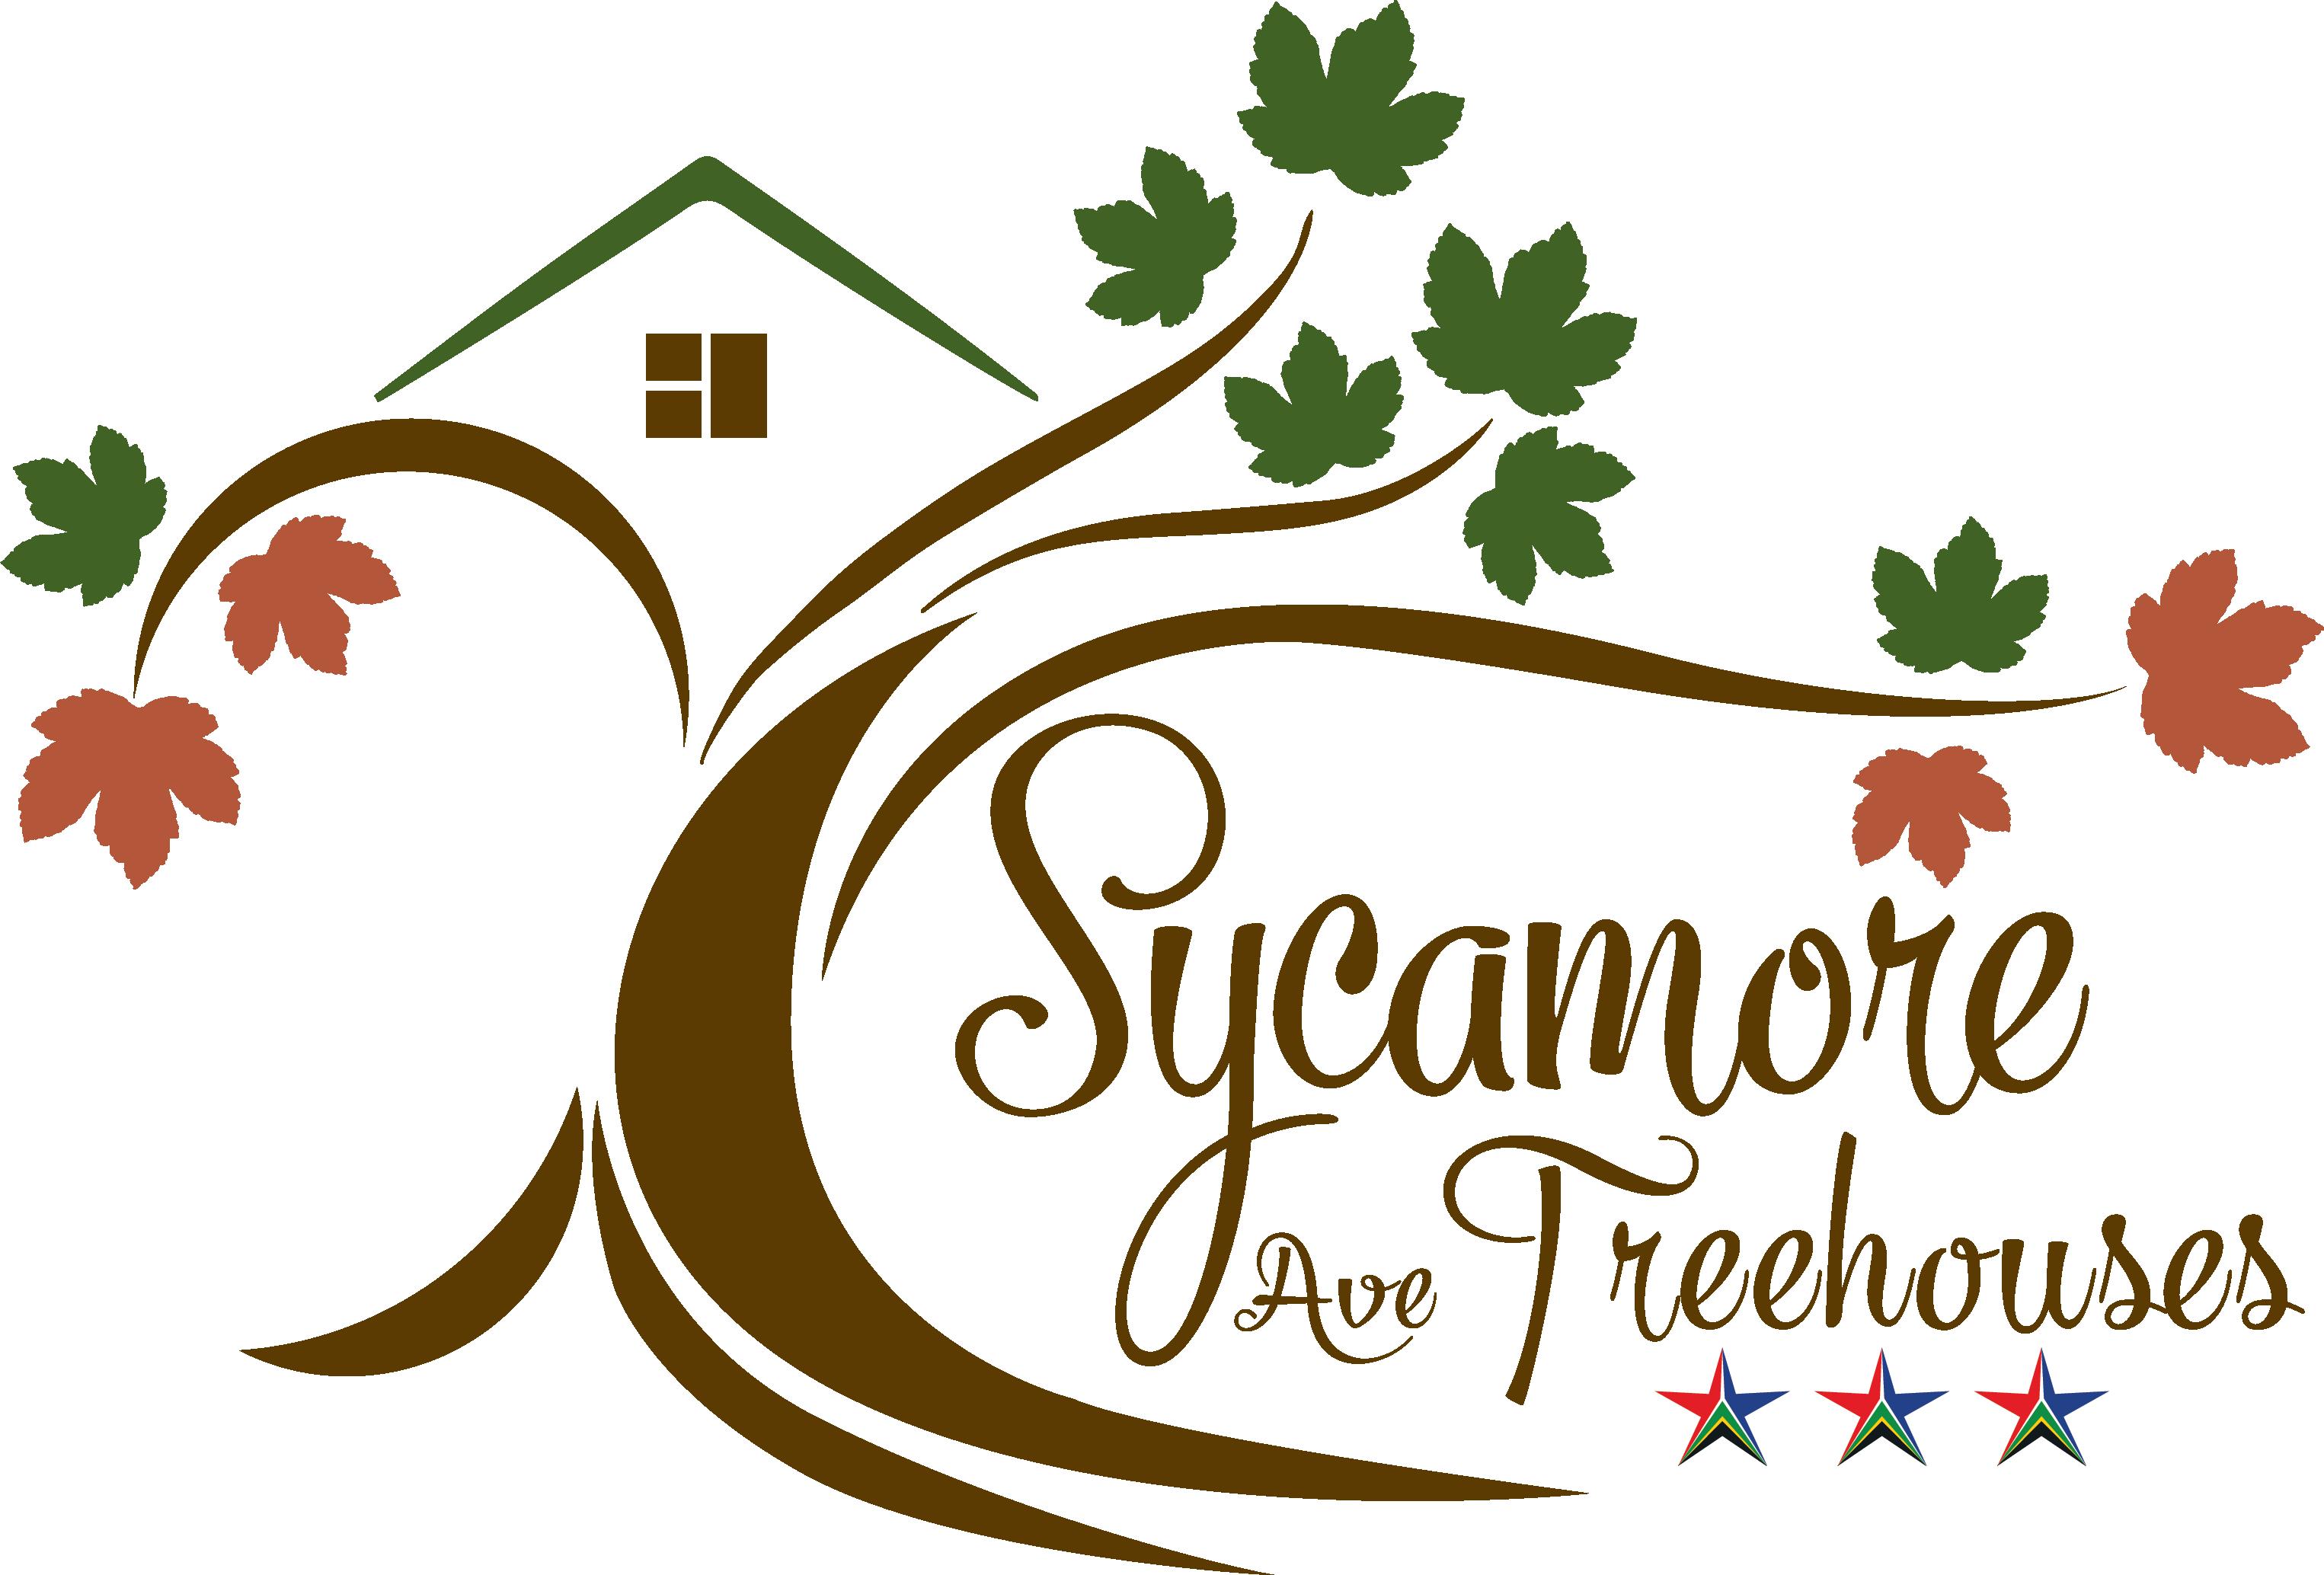 Sycamore Avenue